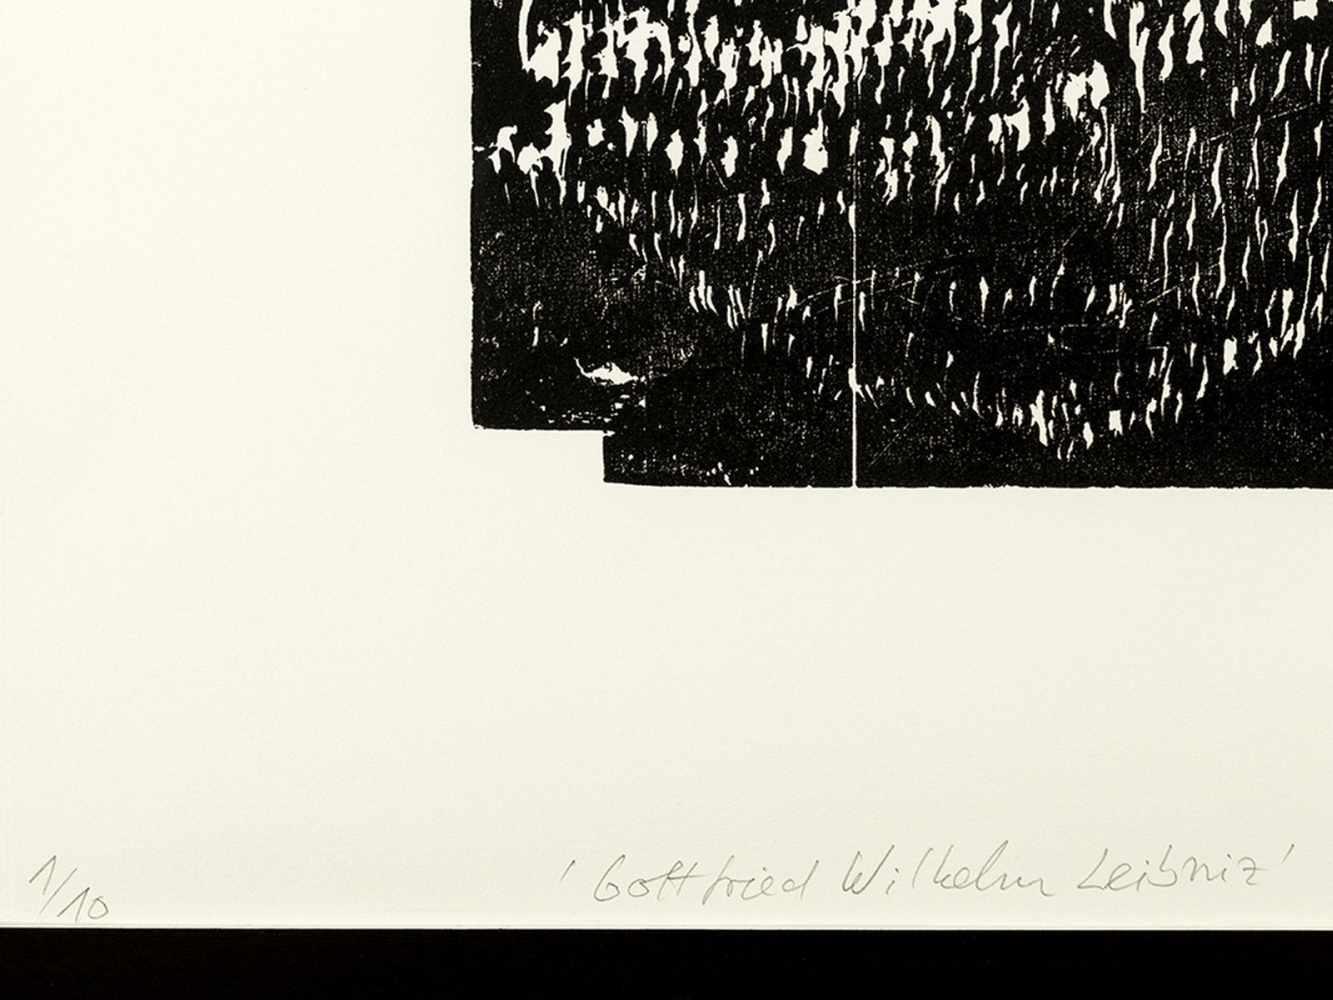 Matthias Mansen (b. 1958), G.W. Leibniz, Woodcut, 1999 - Image 3 of 9